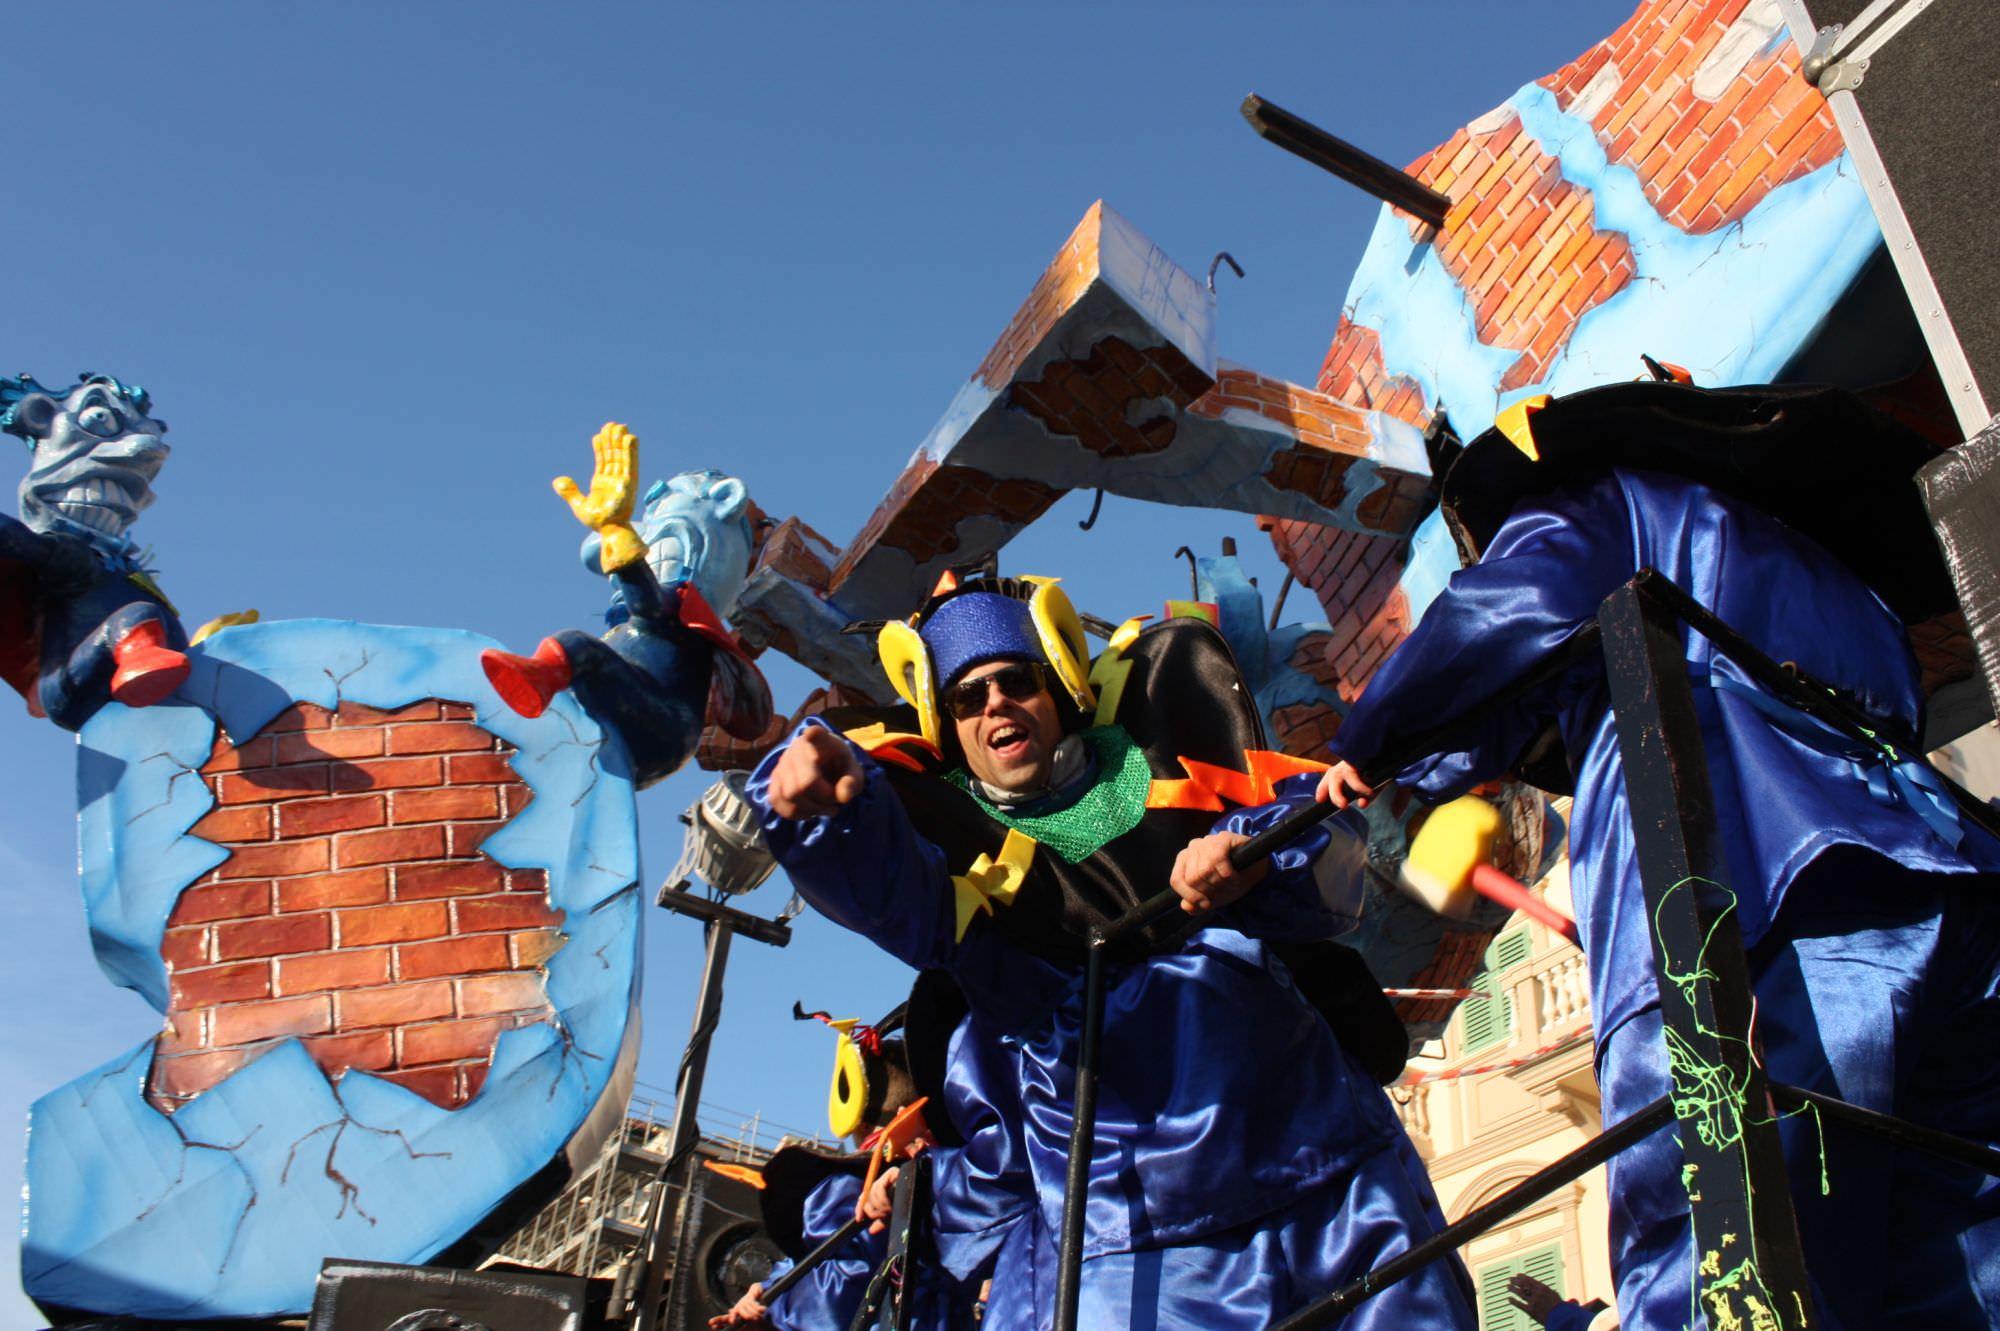 I giurati del terzo corso mascherato del Carnevale di Viareggio 2015